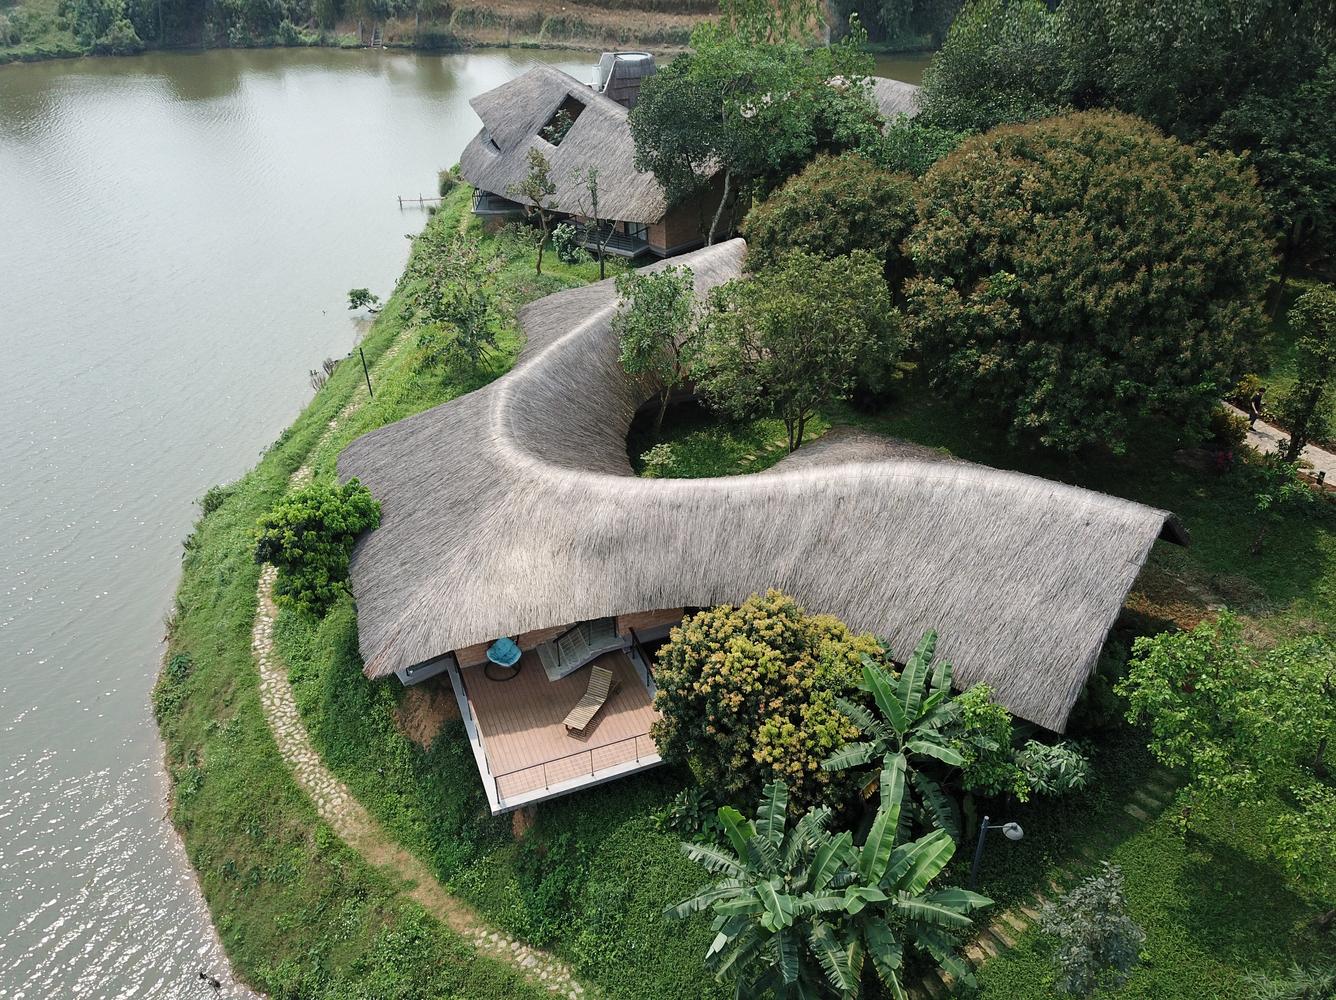 Tìm lại chút hồn quê Bắc Bộ xưa trong không gian Nhà Mẹ ở Sơn Tây